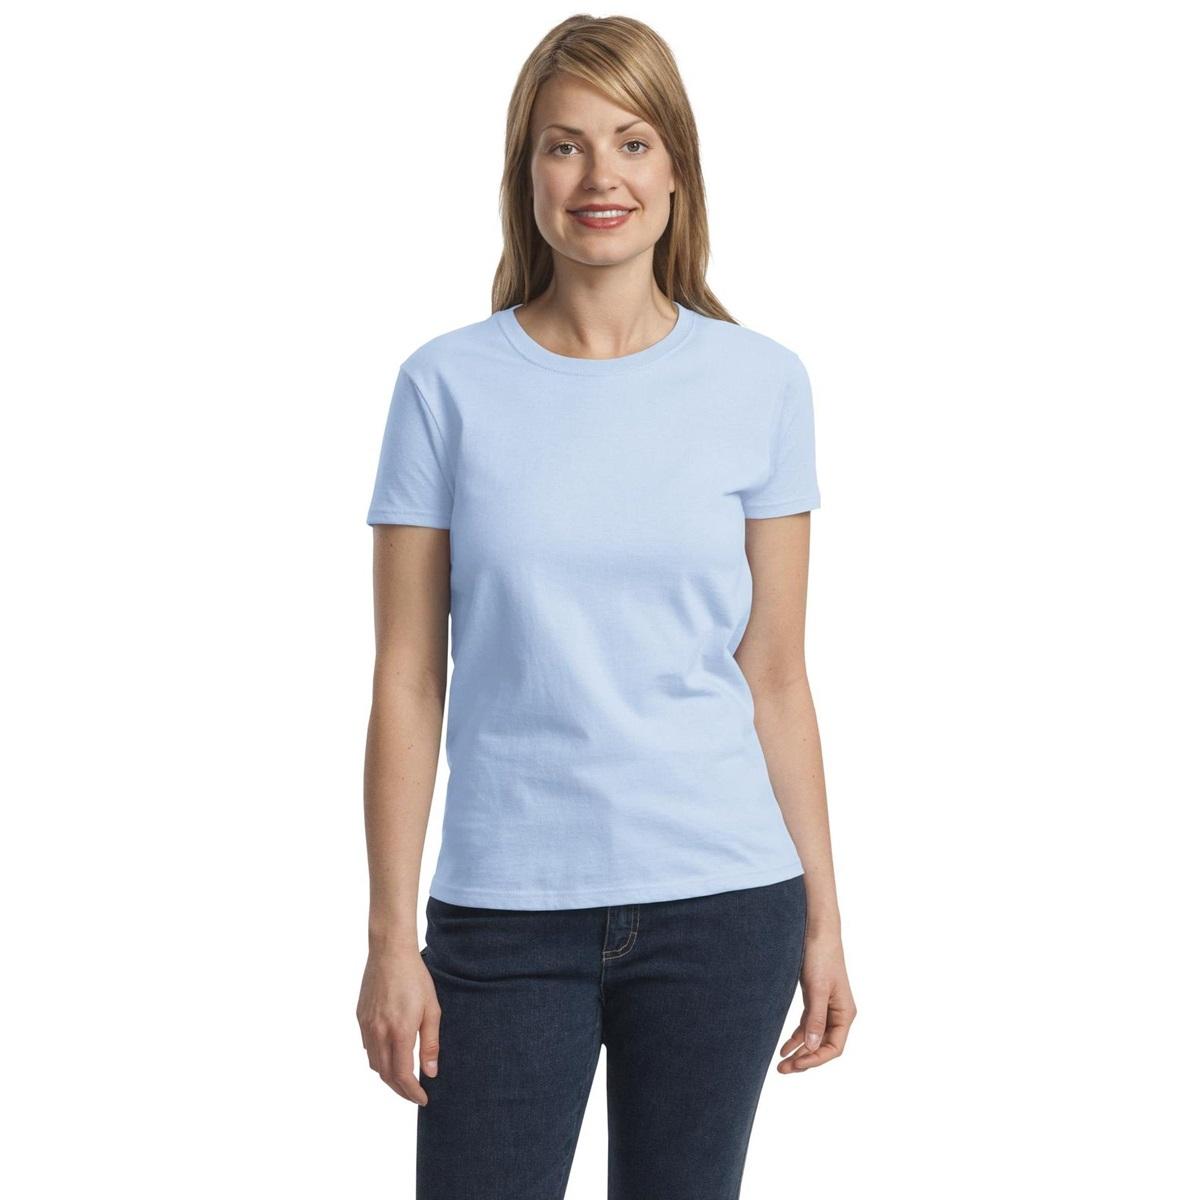 Gildan 2000l Women S Ultra Cotton T Shirt Light Blue